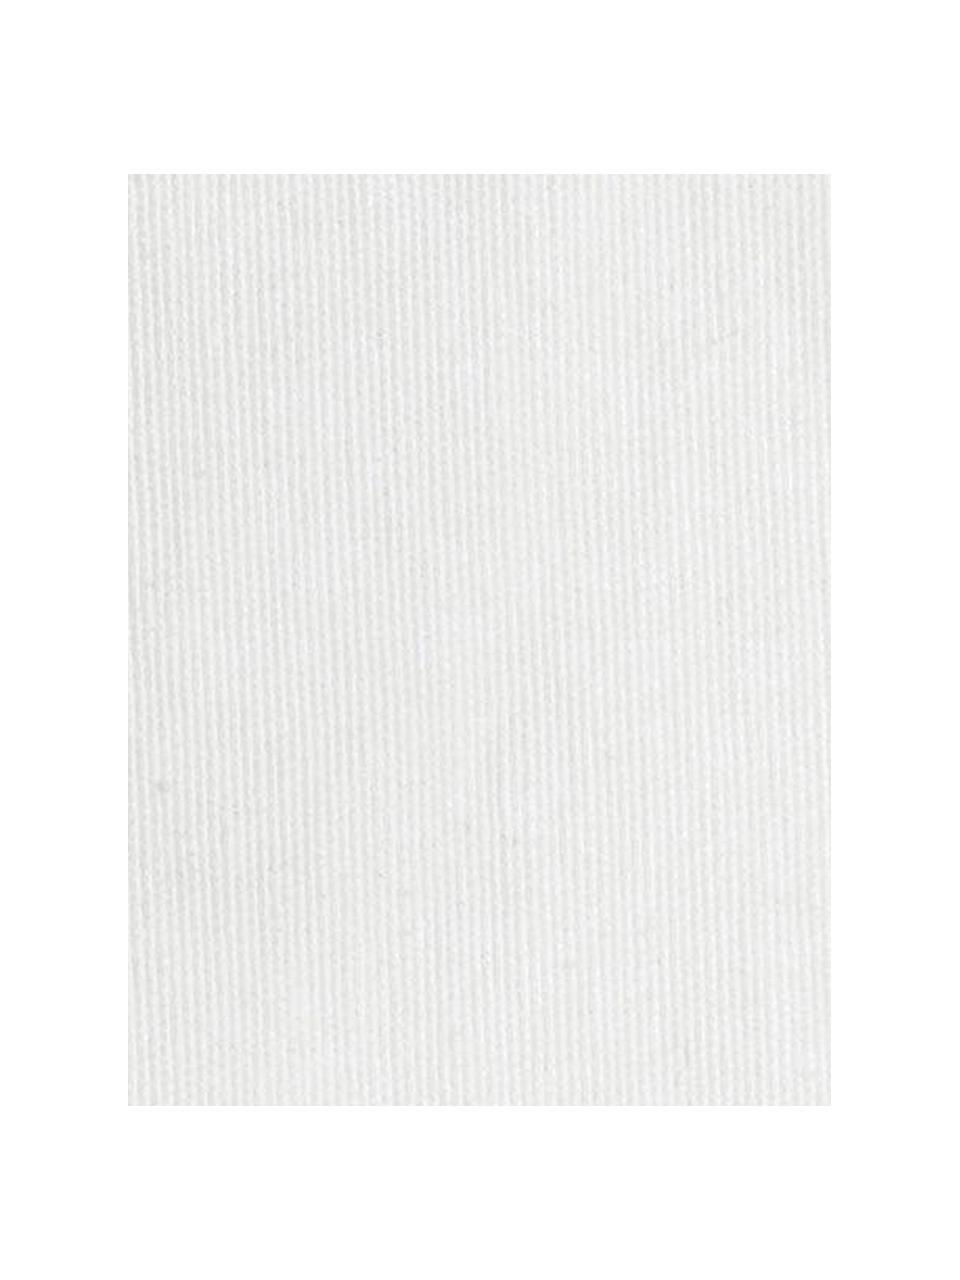 Copridivano Levante, 65% cotone, 35% poliestere, Color crema, Larg. 150 x Lung. 220 cm